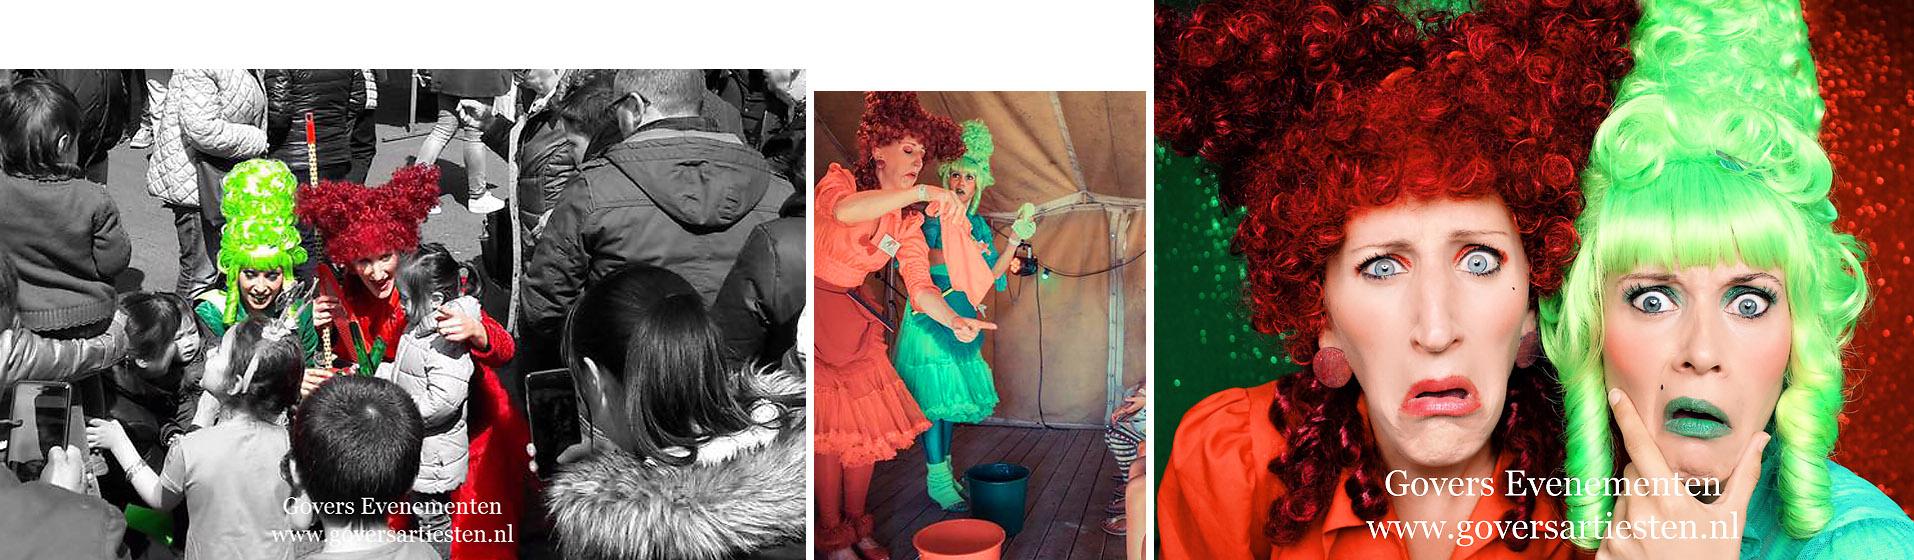 Poets Tantes, straattheater, artiesten boeken, artiestenbureau, thema feest, straattheater, steltentheater, Voorjaar, zomer act, Govers Evenementen, www.goversartiesten.nl